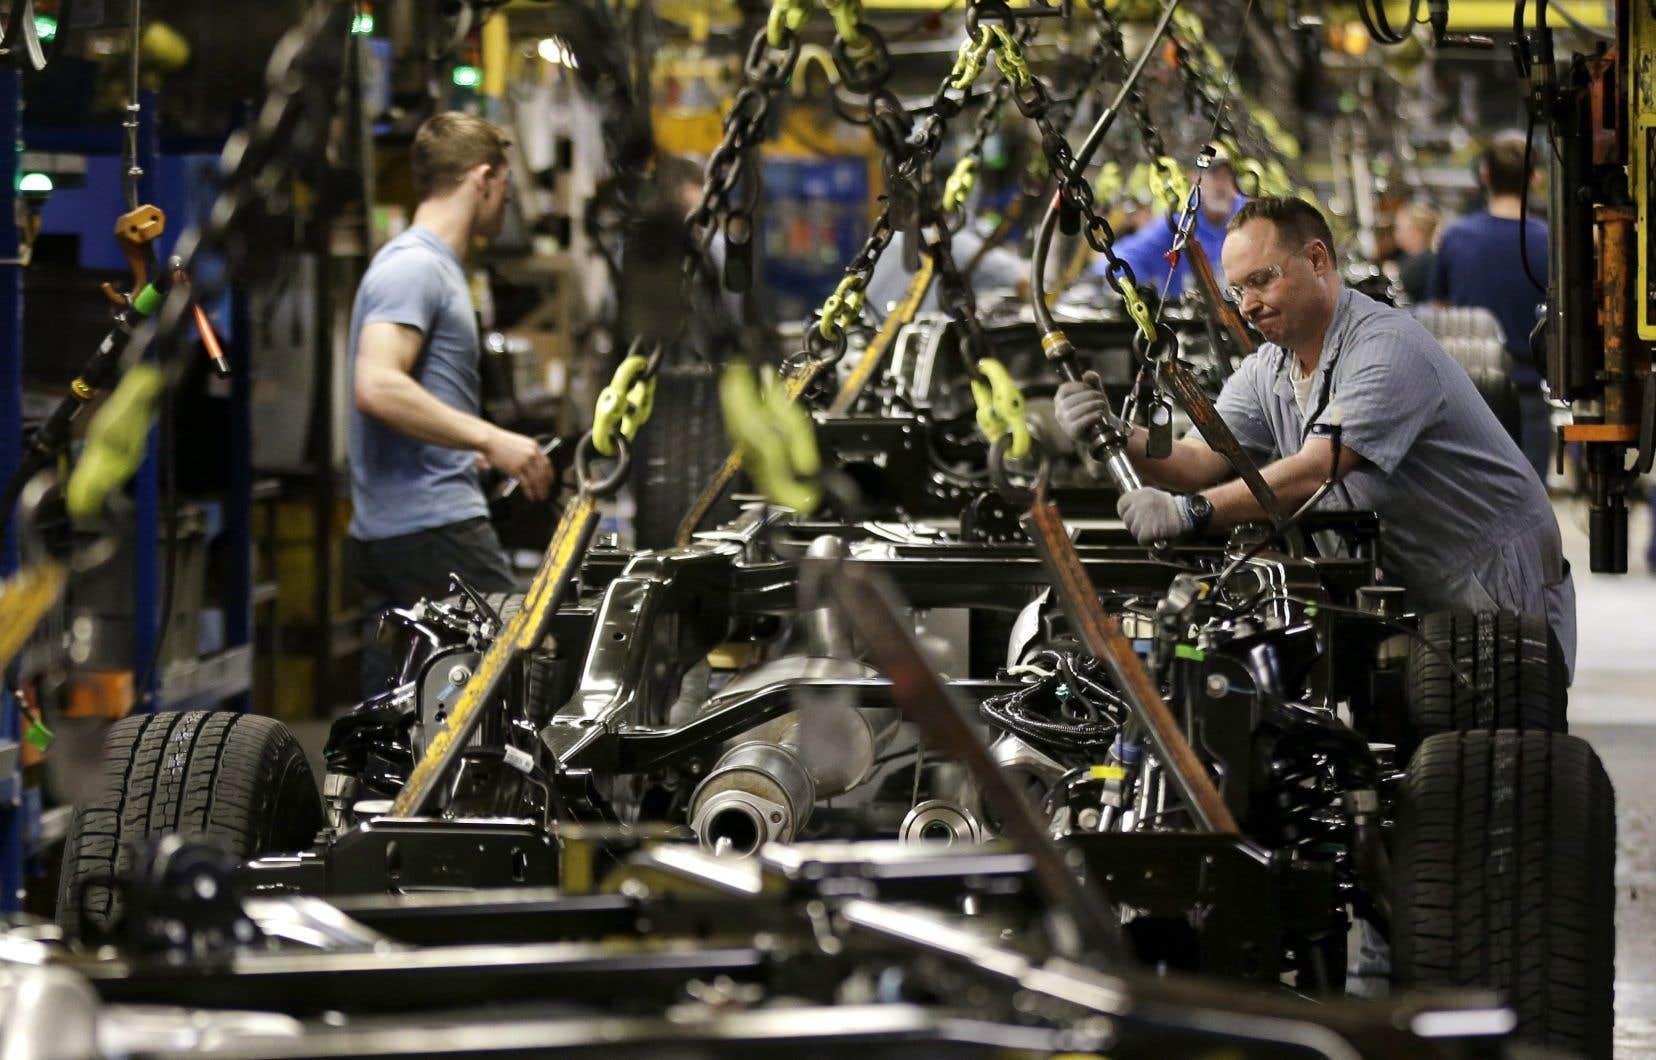 Washington évoque des investissements directs de 57 milliards dans l'automobile et les pièces, et une création de 76 000 emplois sur cinq ans.